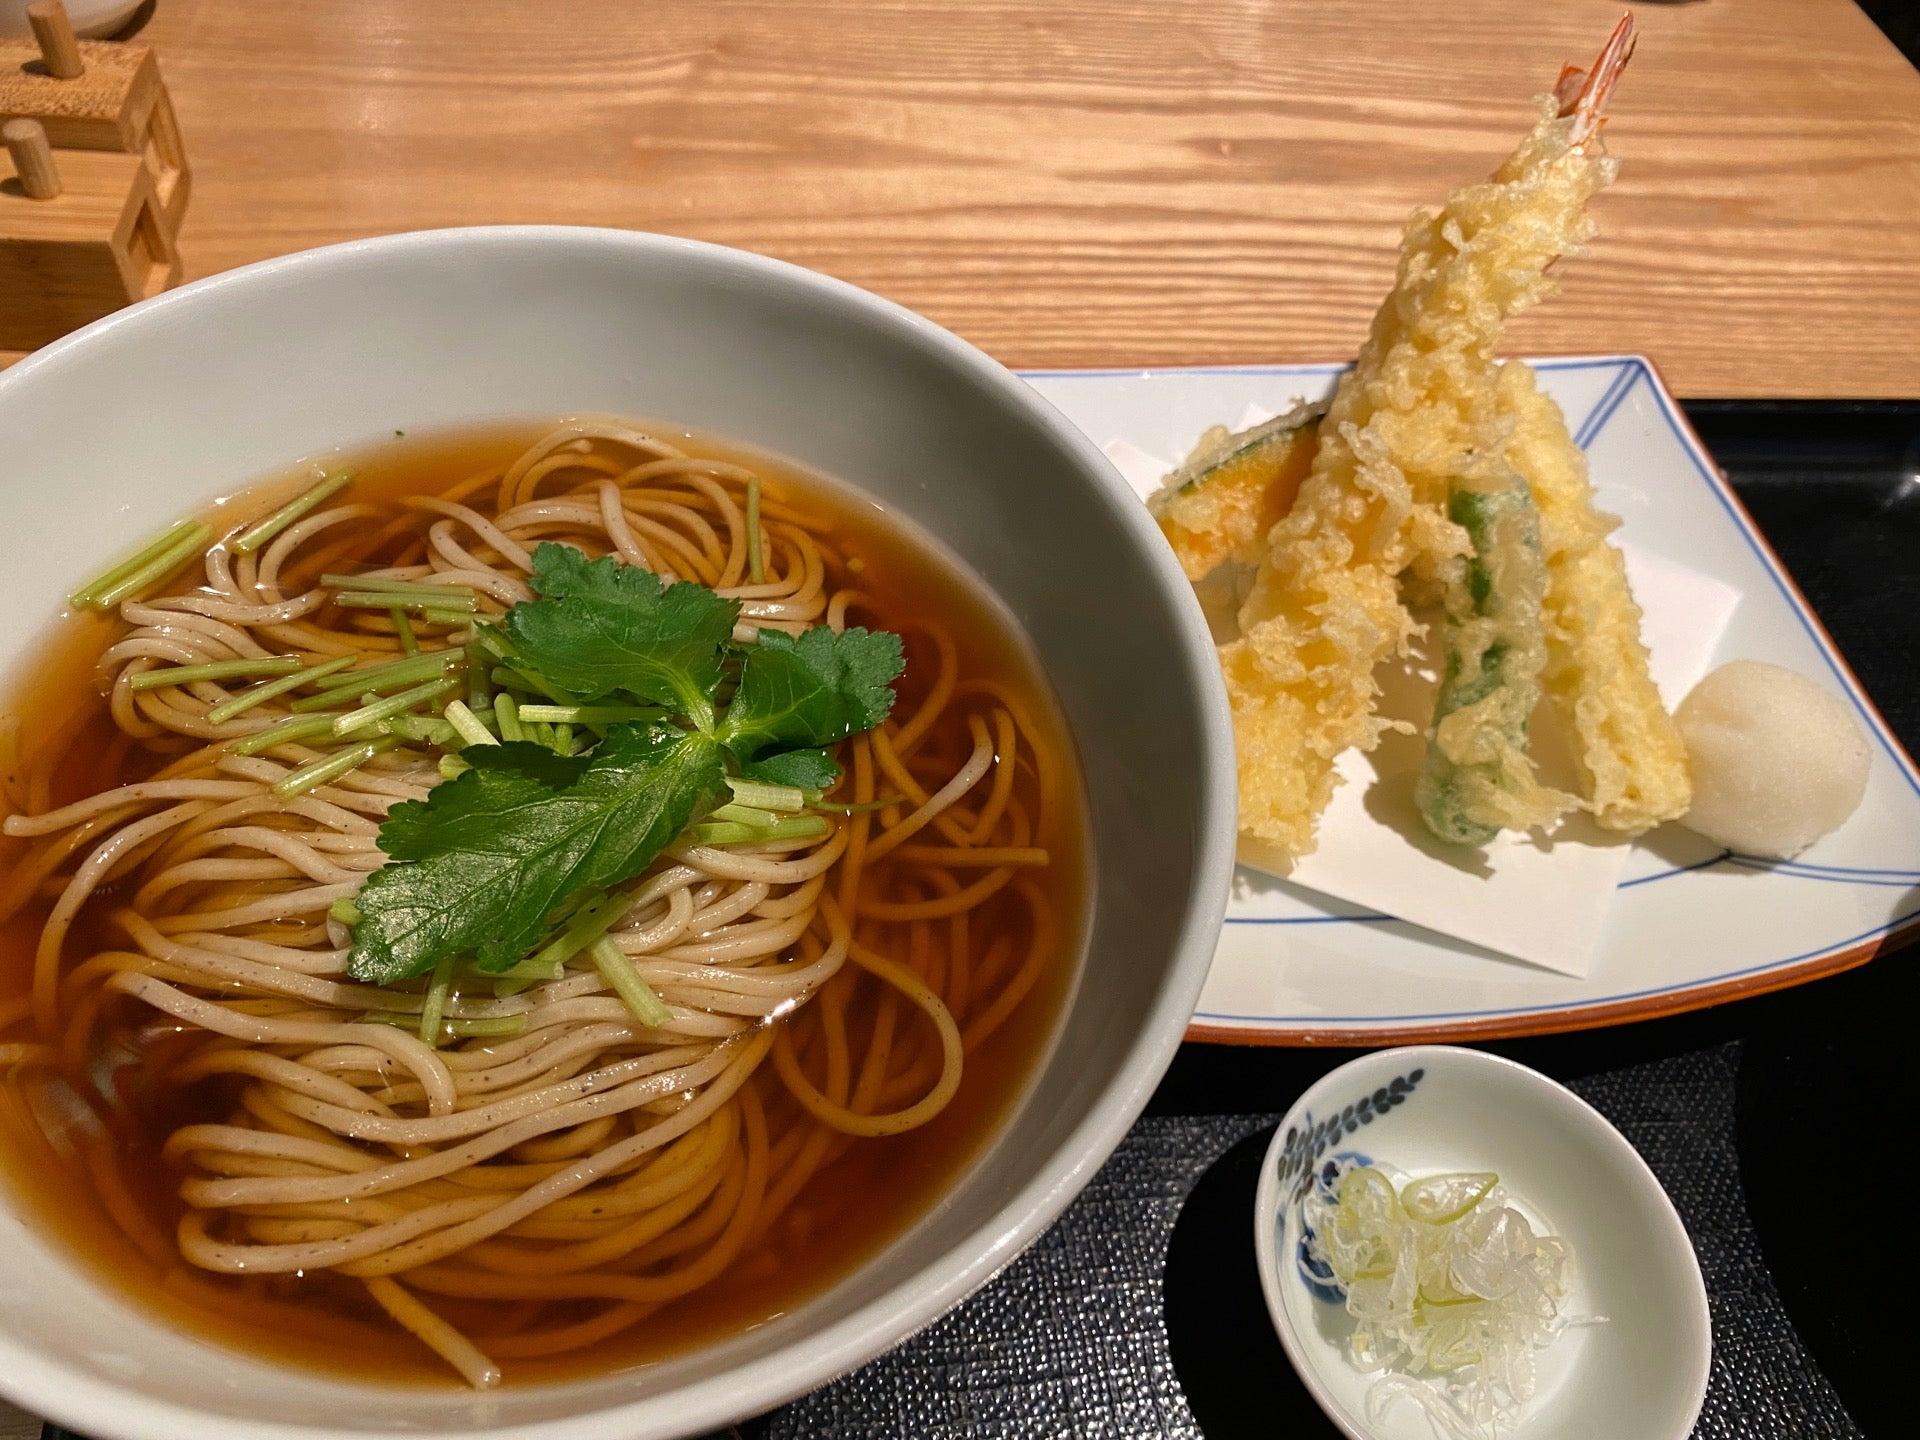 かけそばと天婦羅。蕎麦は大盛り無料。 (@ 松玄 名古屋JRゲートタワー店 in 名古屋市, 愛知県) https://t.co/Zc9plje6Ih https://t.co/NjjBebHWWj